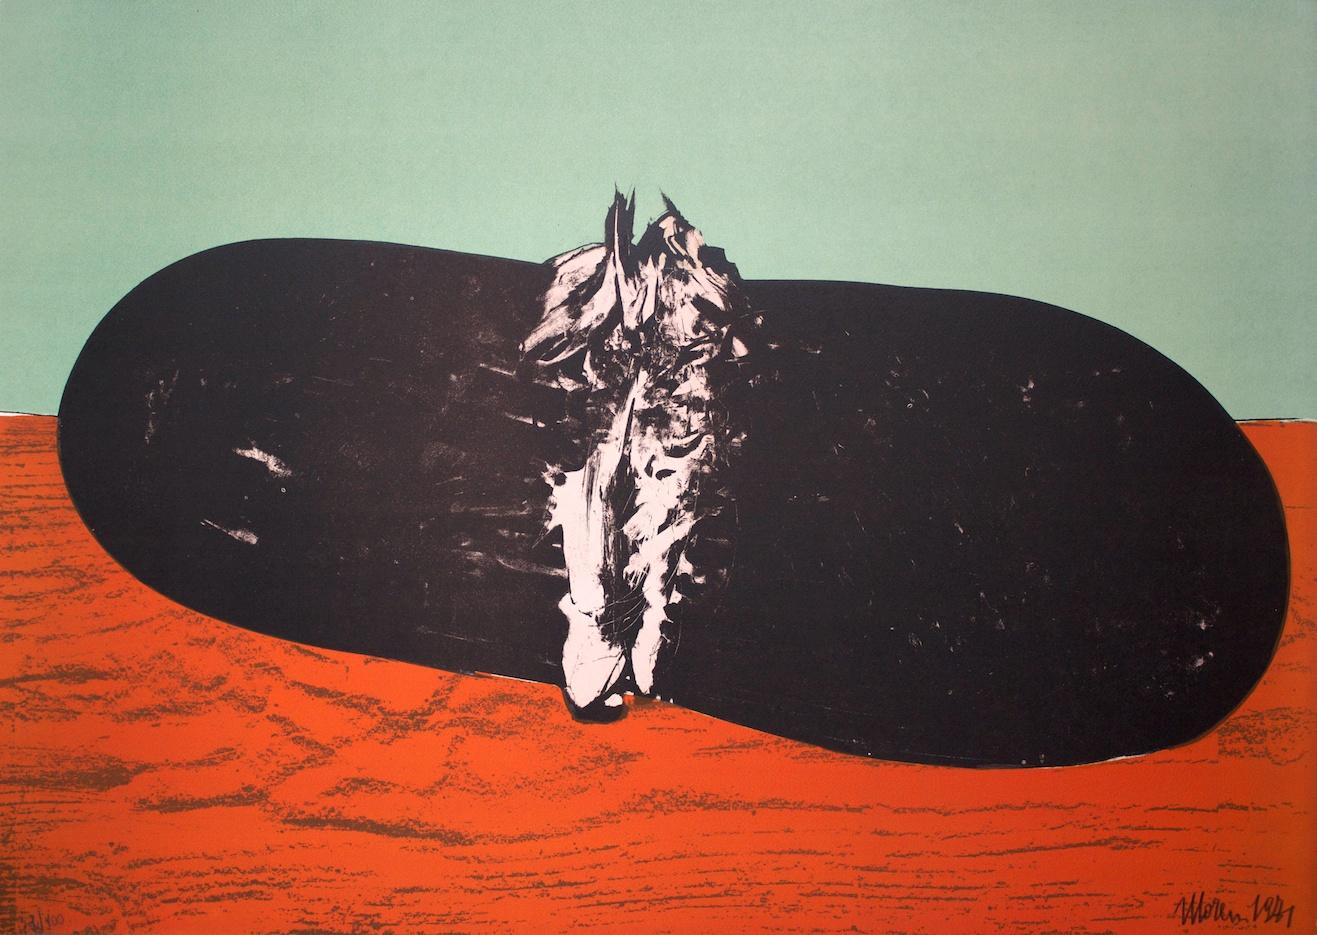 L'Anguria Sul Tavolo Si Esibisce (Watermelon Performs On Table) - litografia su carta (lithography on paper) - 1971